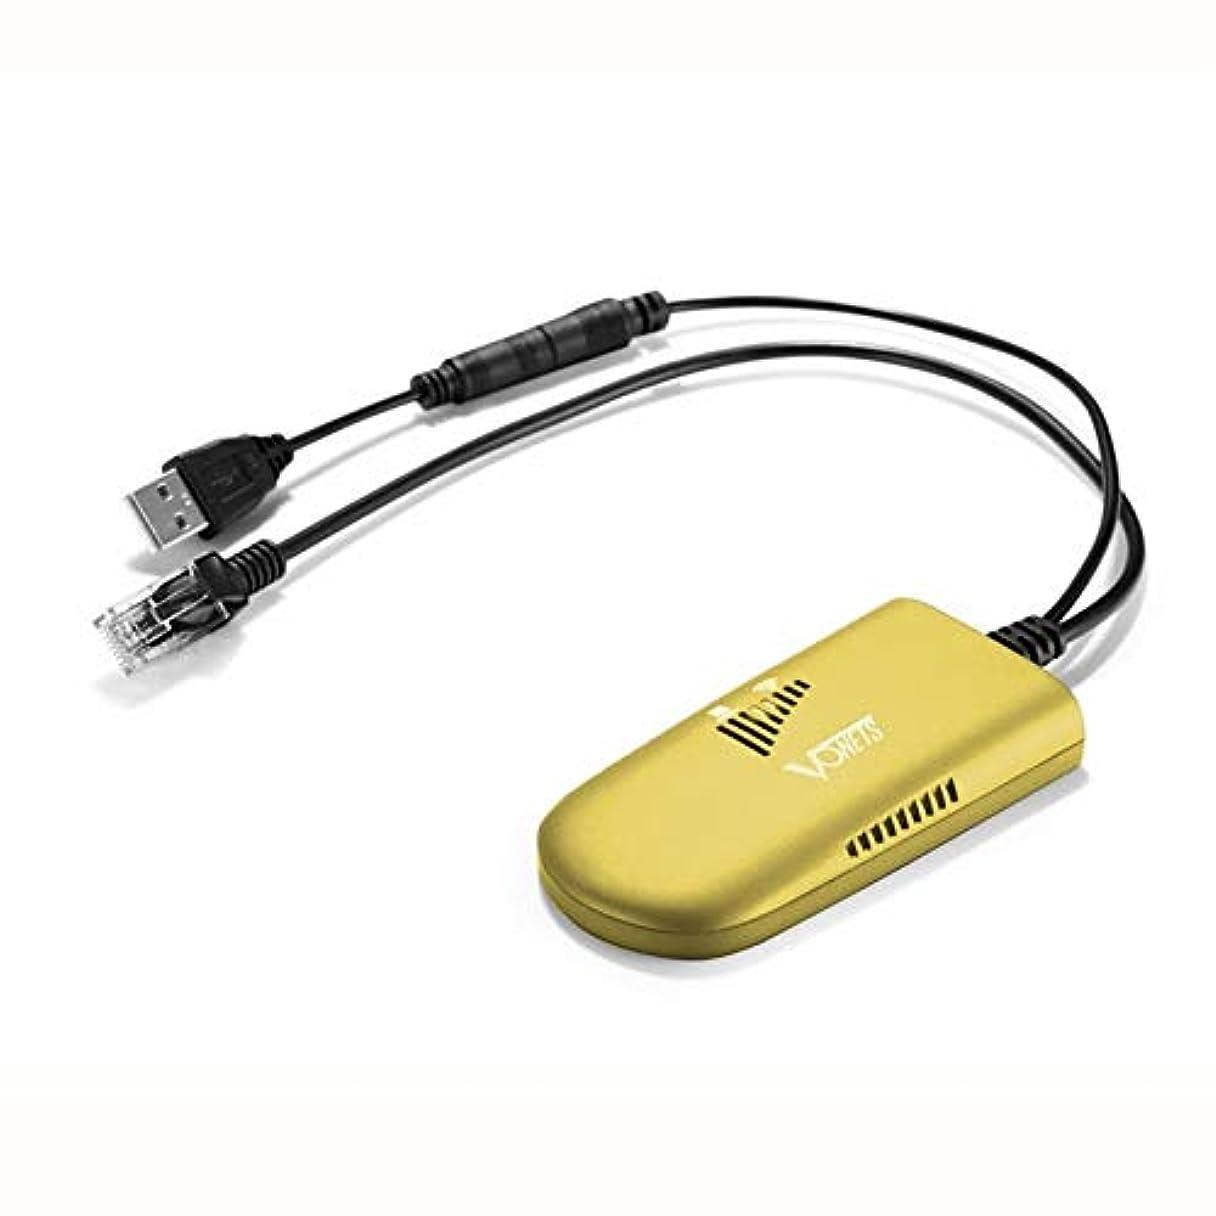 おとこレモン創傷Ququack PCカメラ、TV用500Meters強力なカバレッジの距離で300MbpsのミニポータブルWiFiの無線リピータブリッ